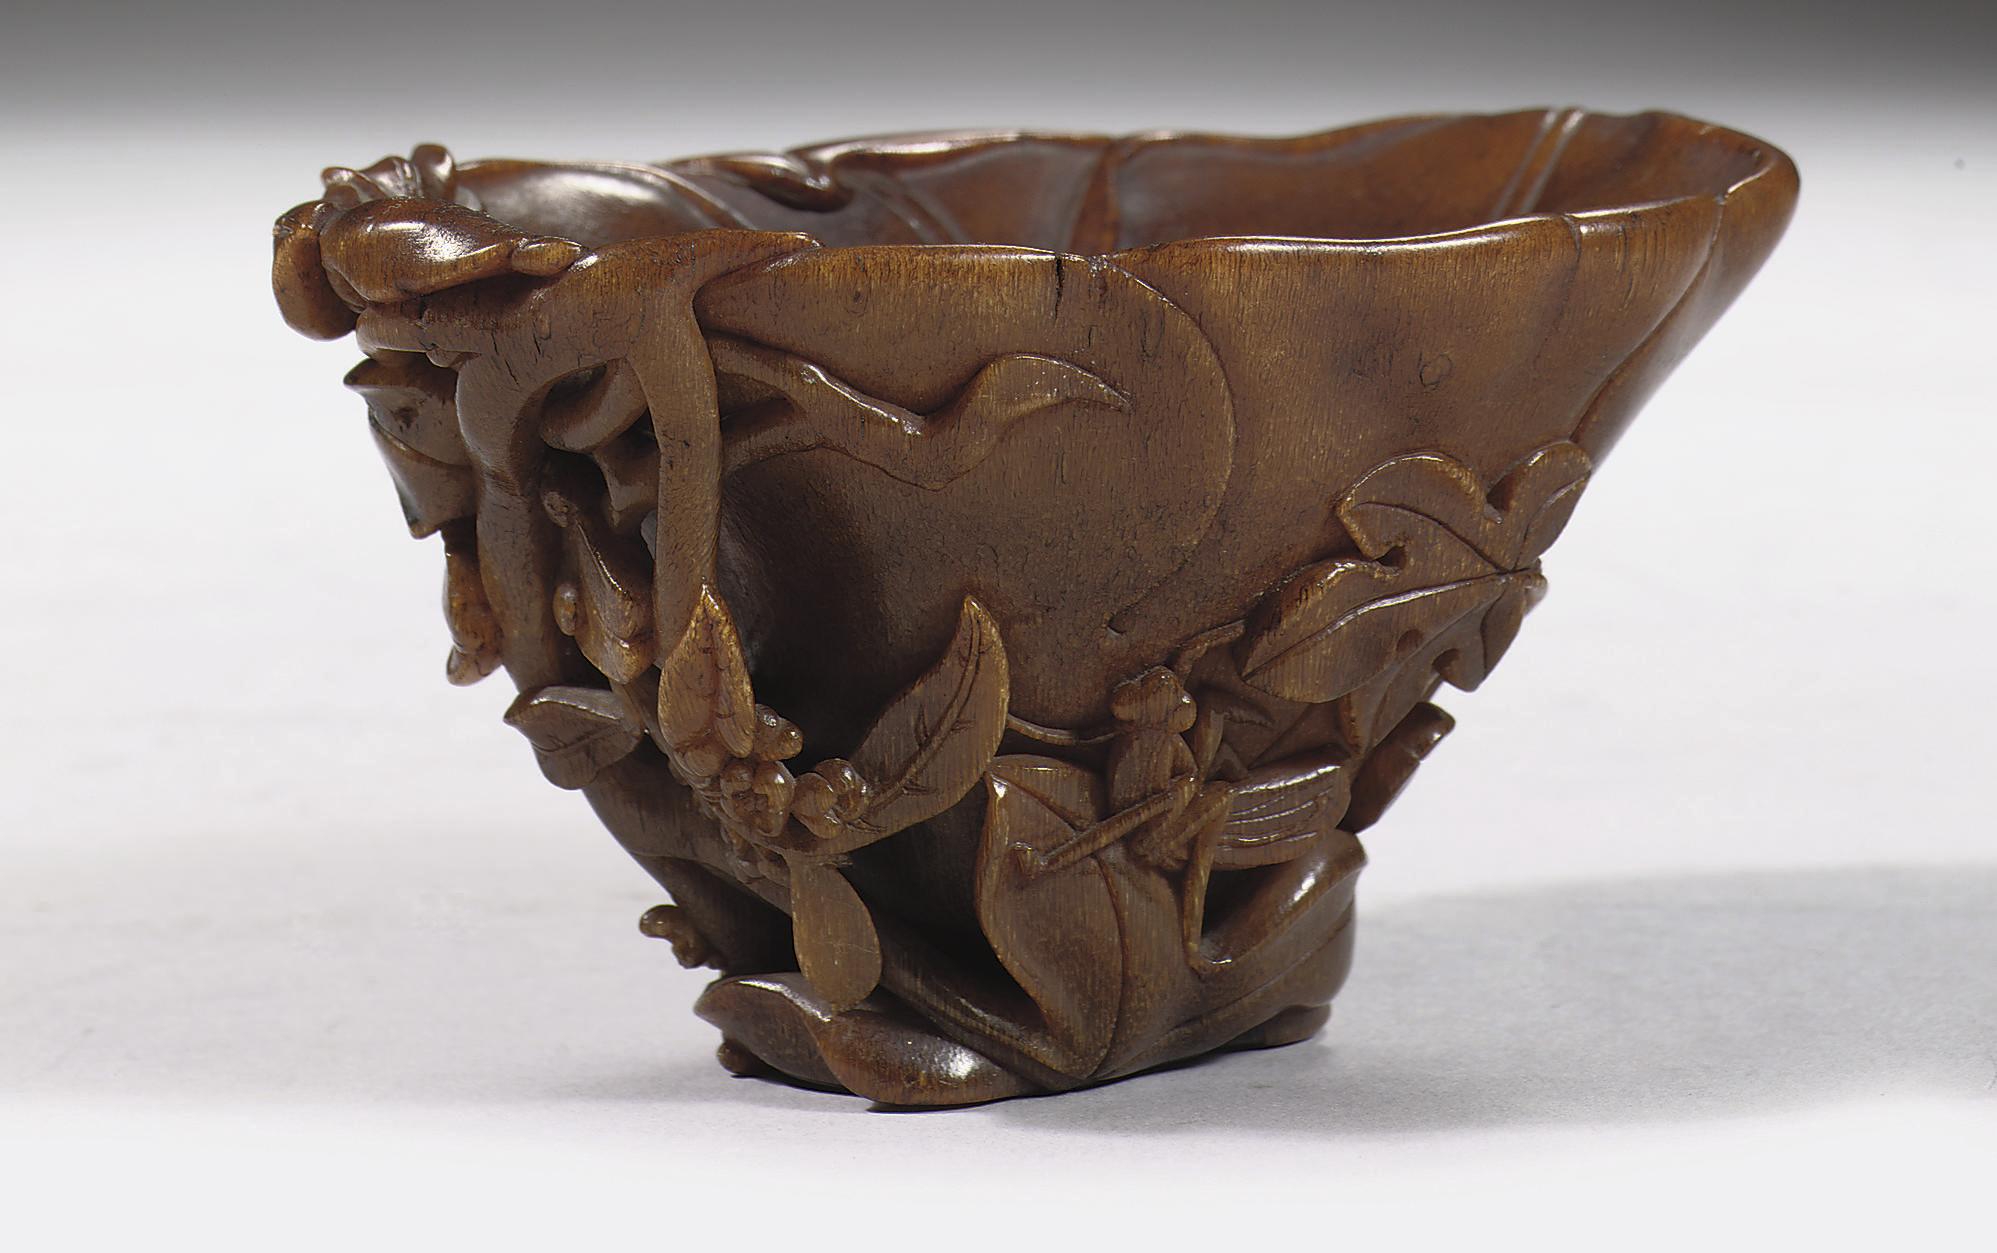 A rhinoceros horn flower-form